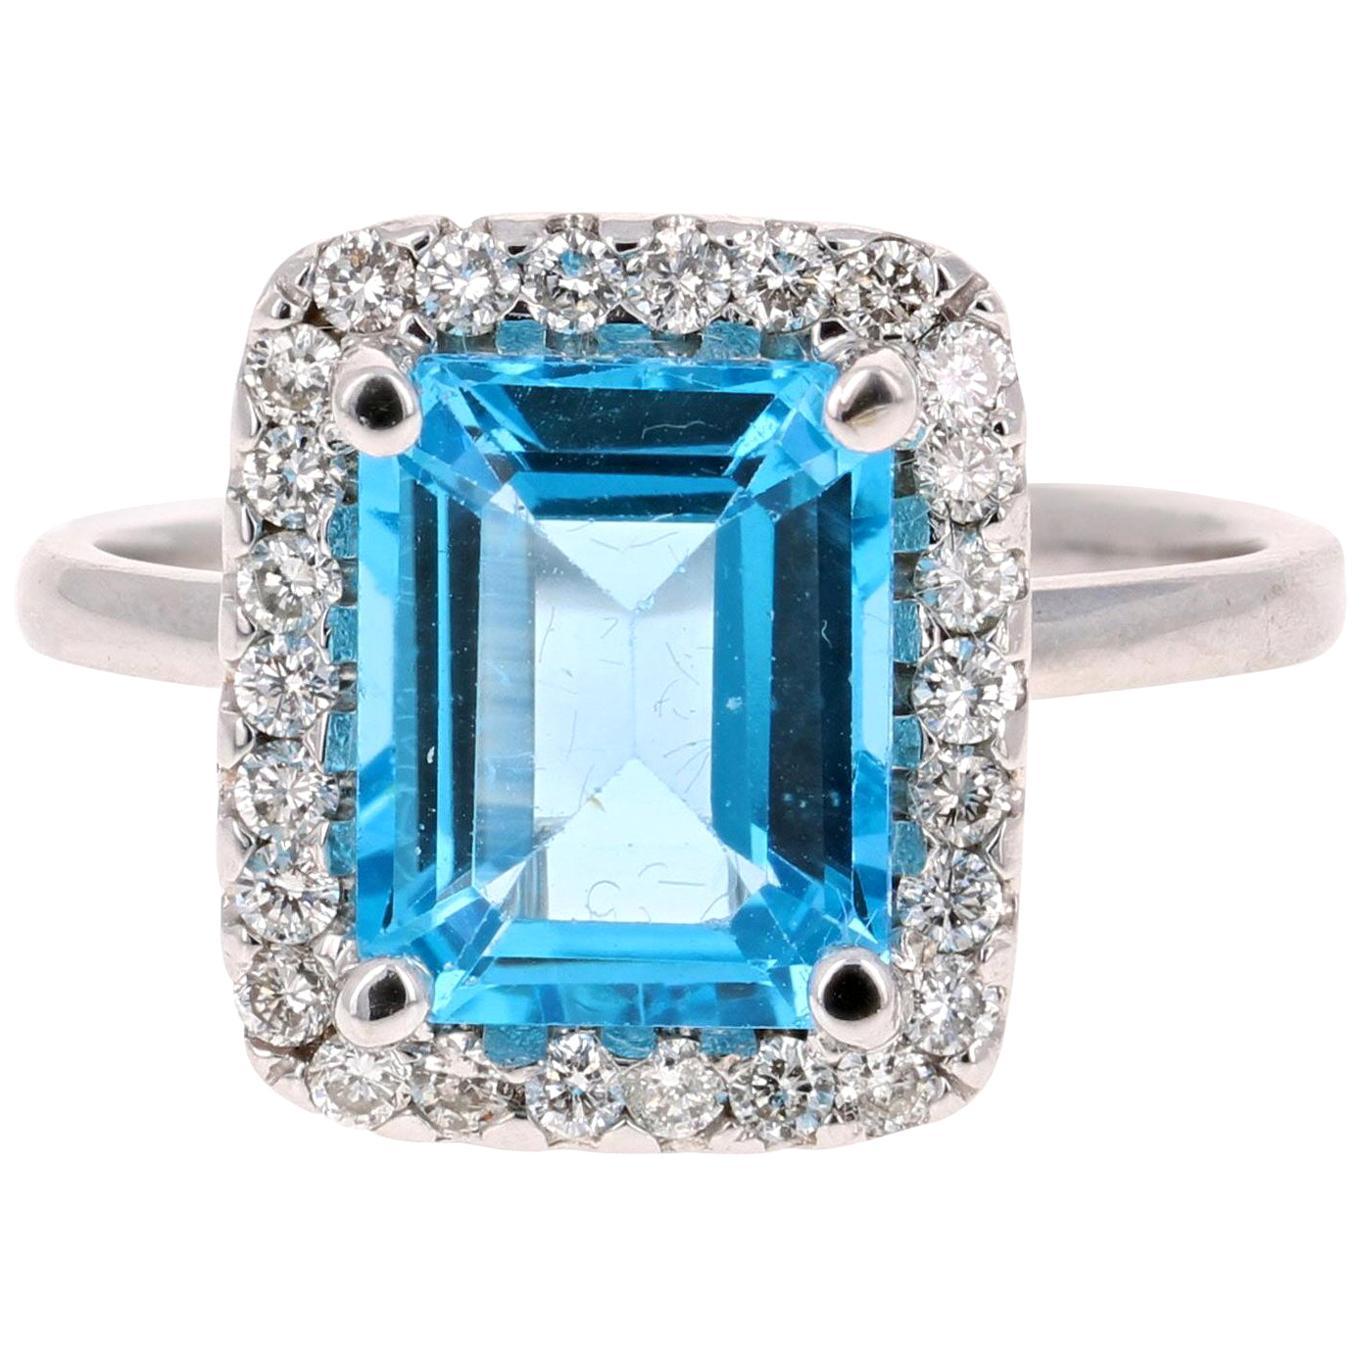 4.40 Carat Blue Topaz Diamond 14 Karat White Gold Cocktail Ring